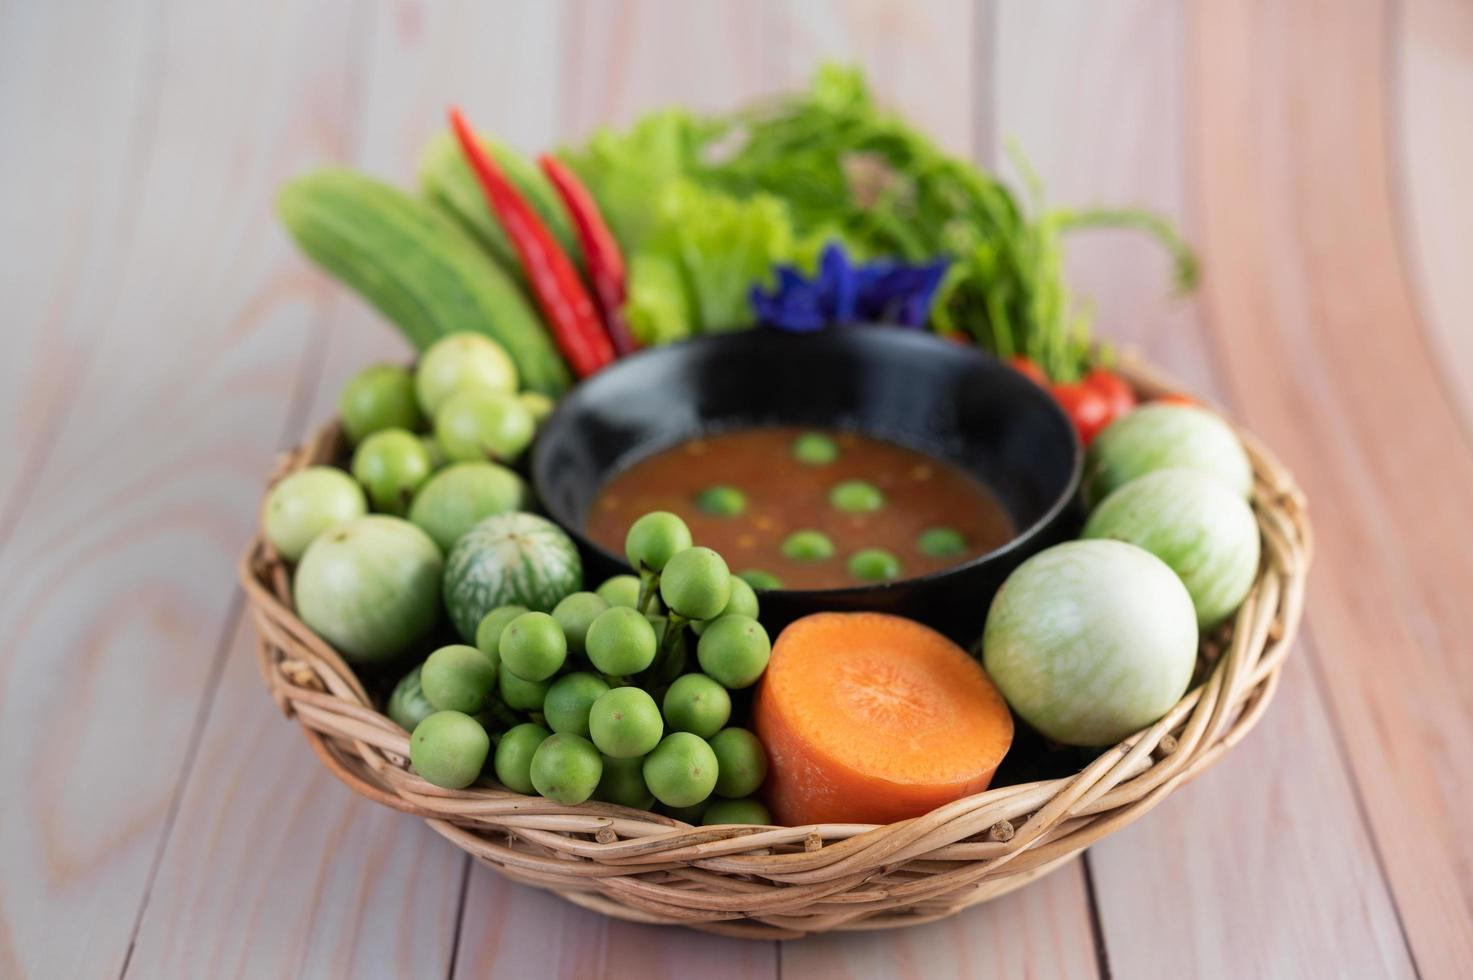 chilipasta pasta i en skål med aubergine, morötter, chili och gurkor foto